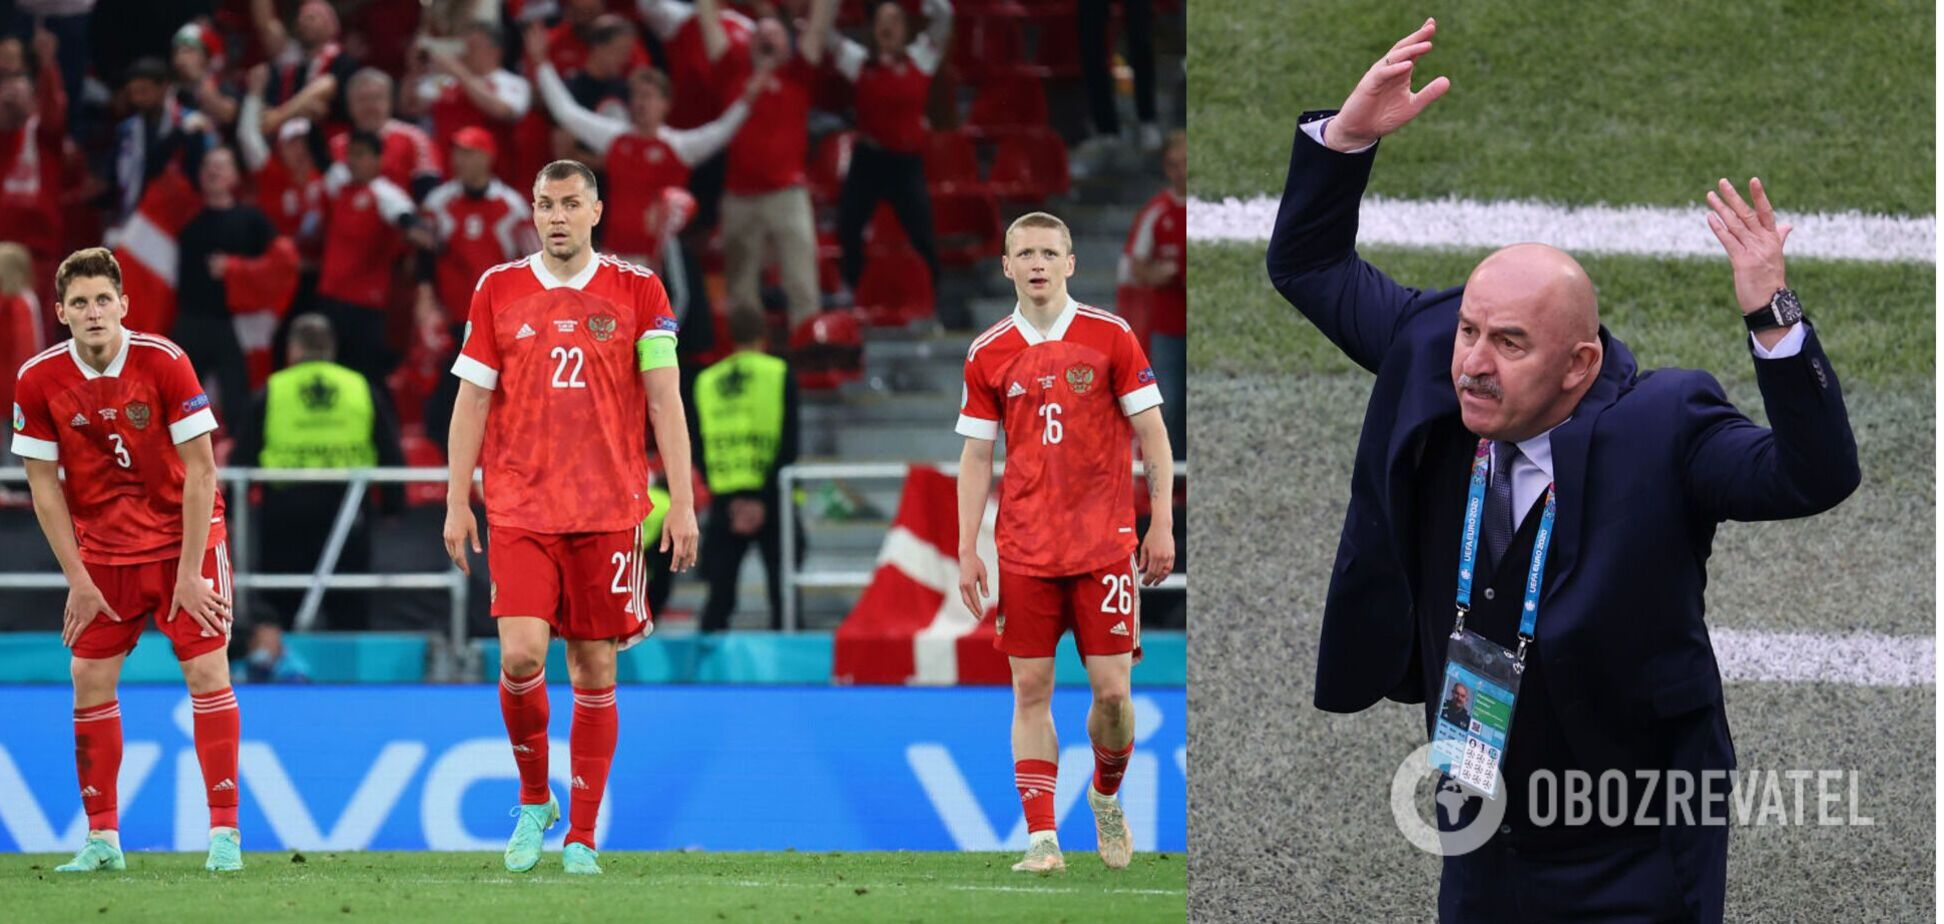 Станіслав Черчесов заробляє 2,5 мільйона євро в рік, але провалився з Росією на Євро-2020